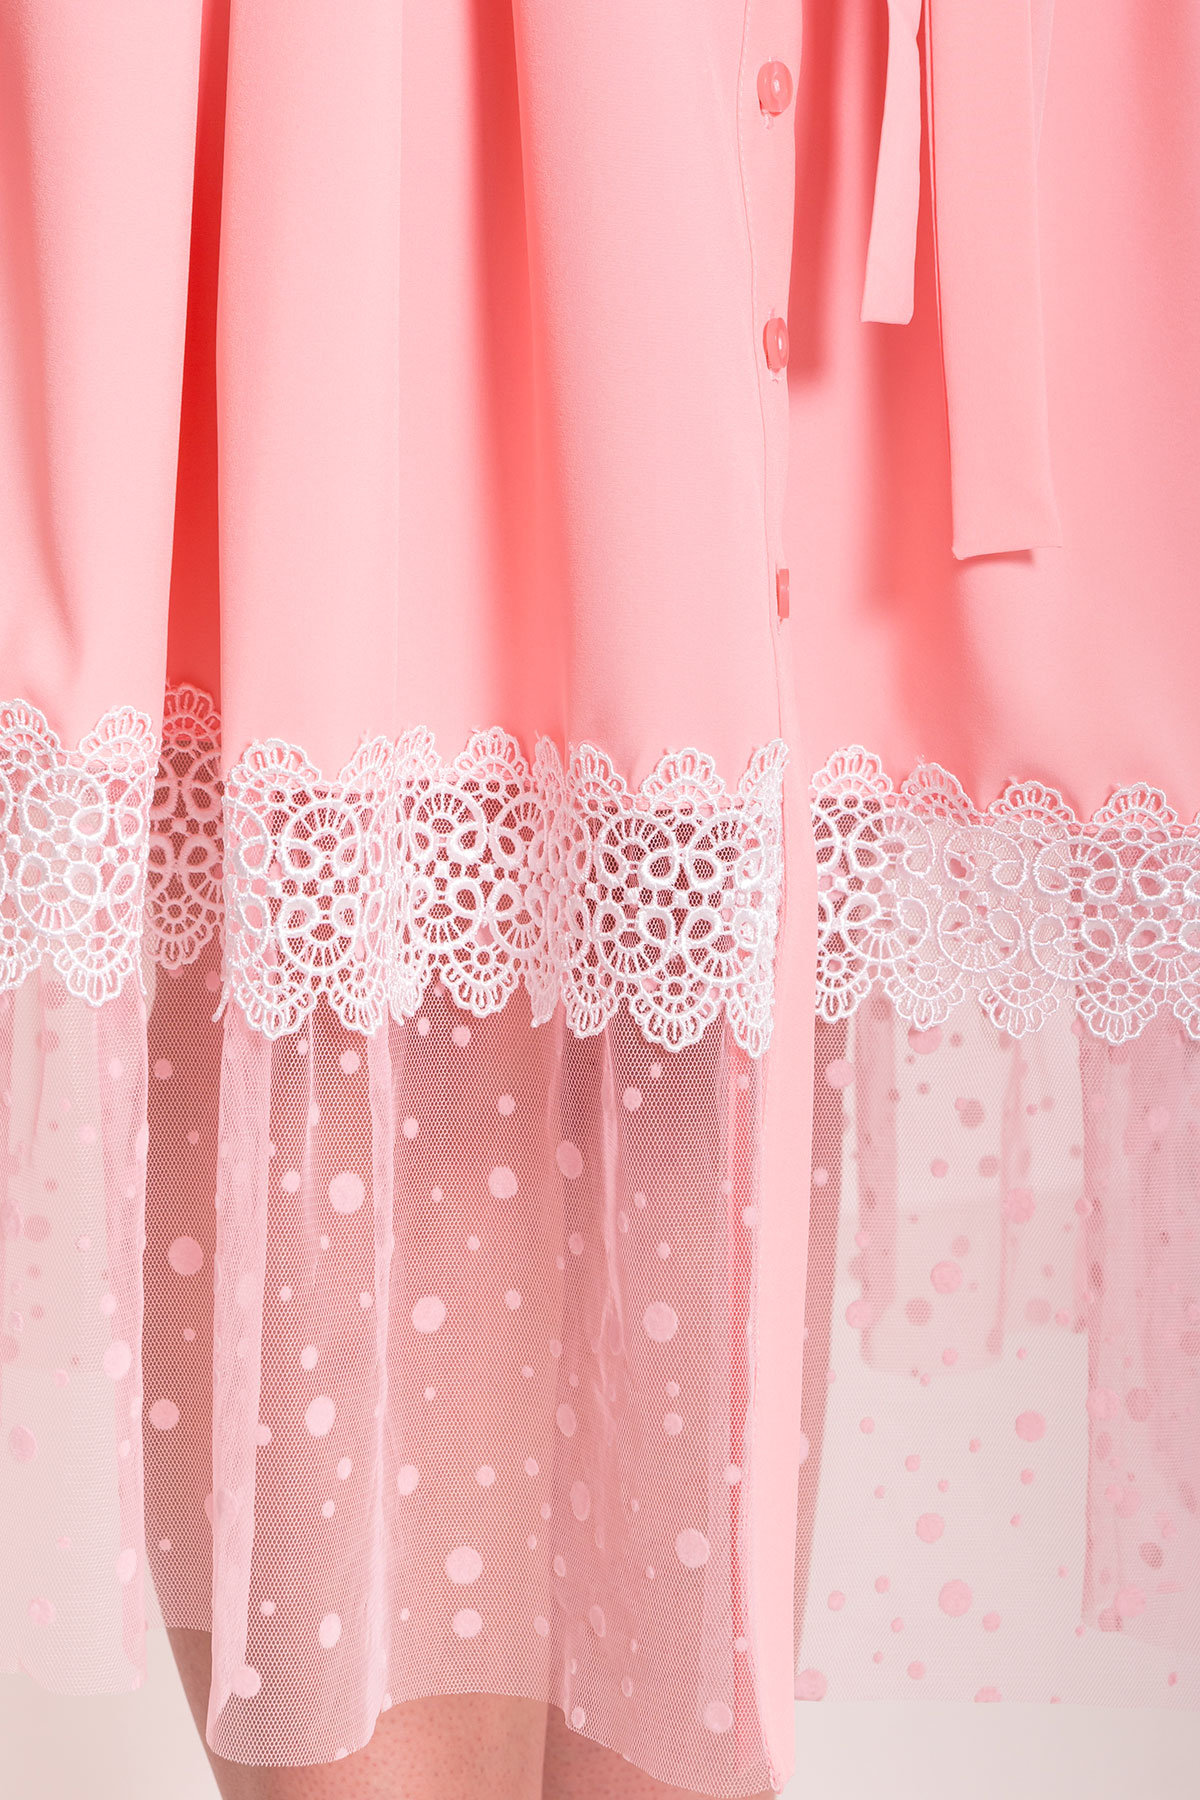 Платье Паула Donna 6937 Цвет: Персик 39